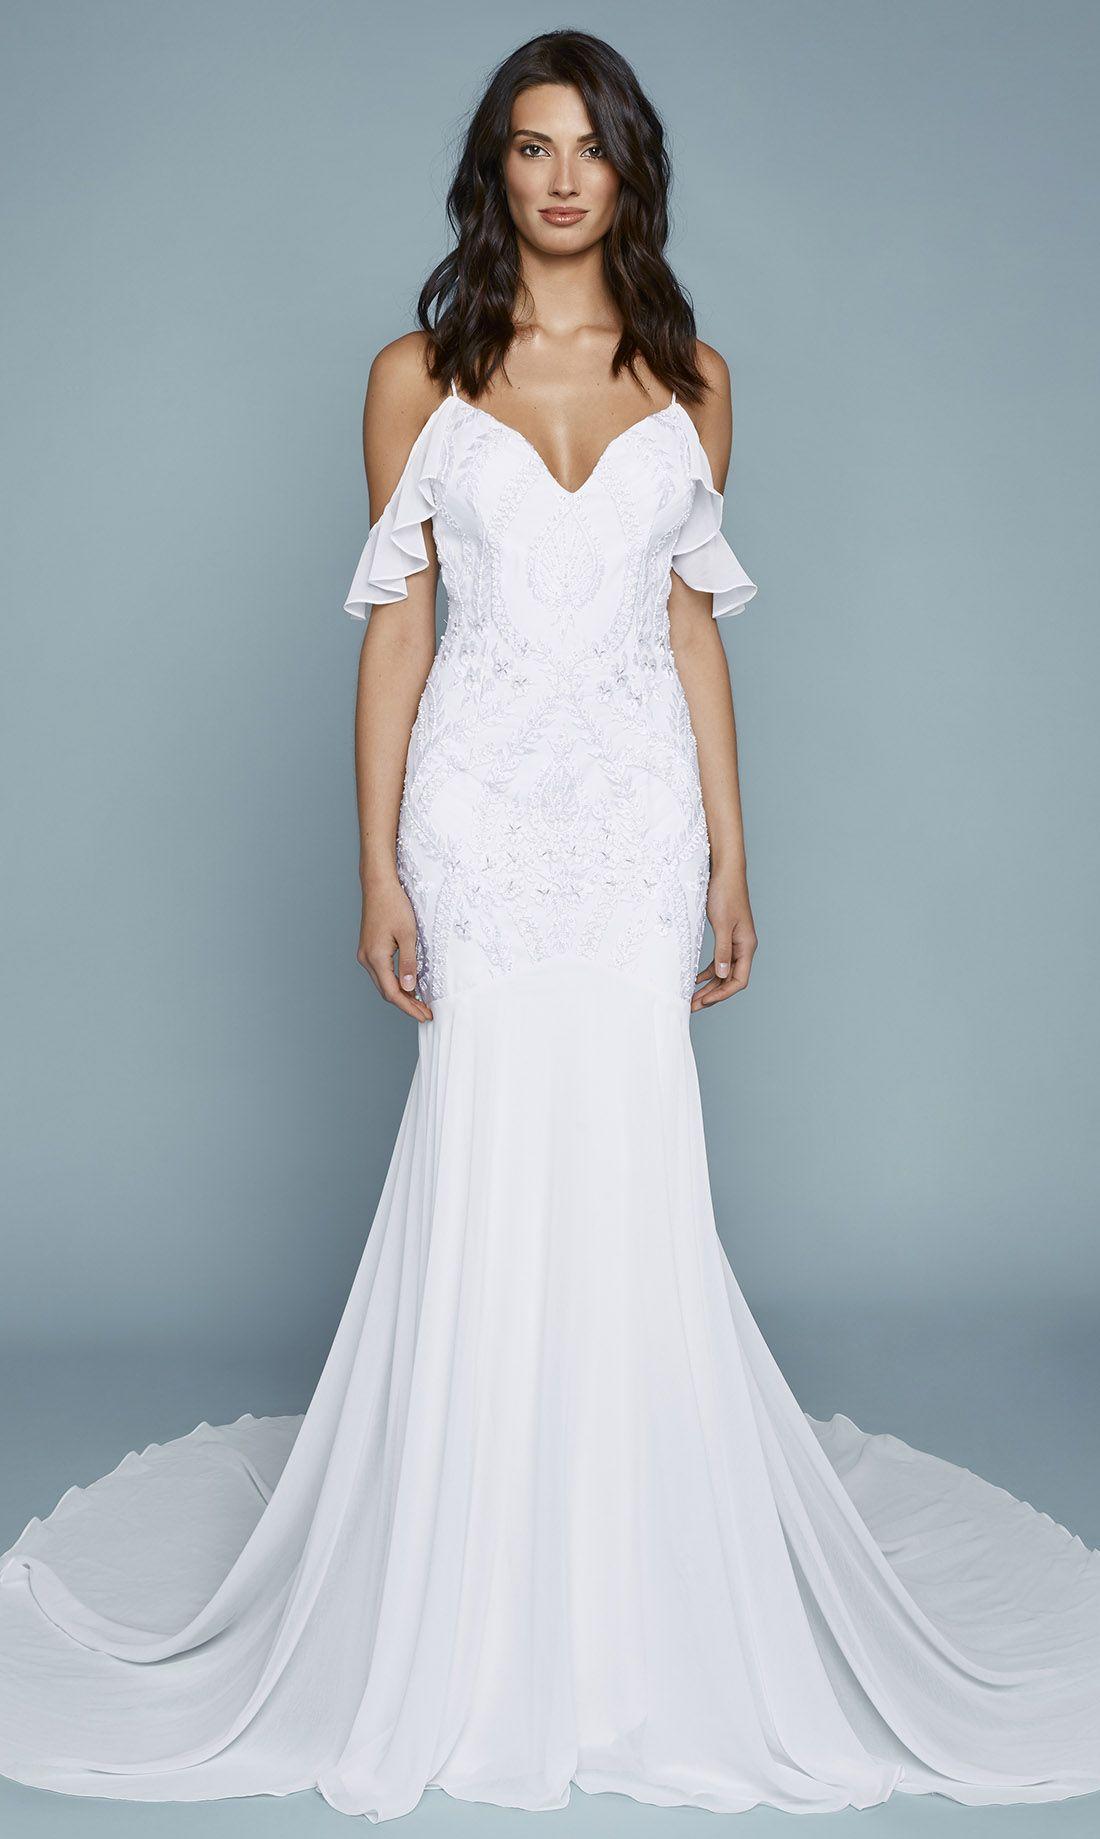 Tulum Gown | Wedding, Wedding dress and Weddings